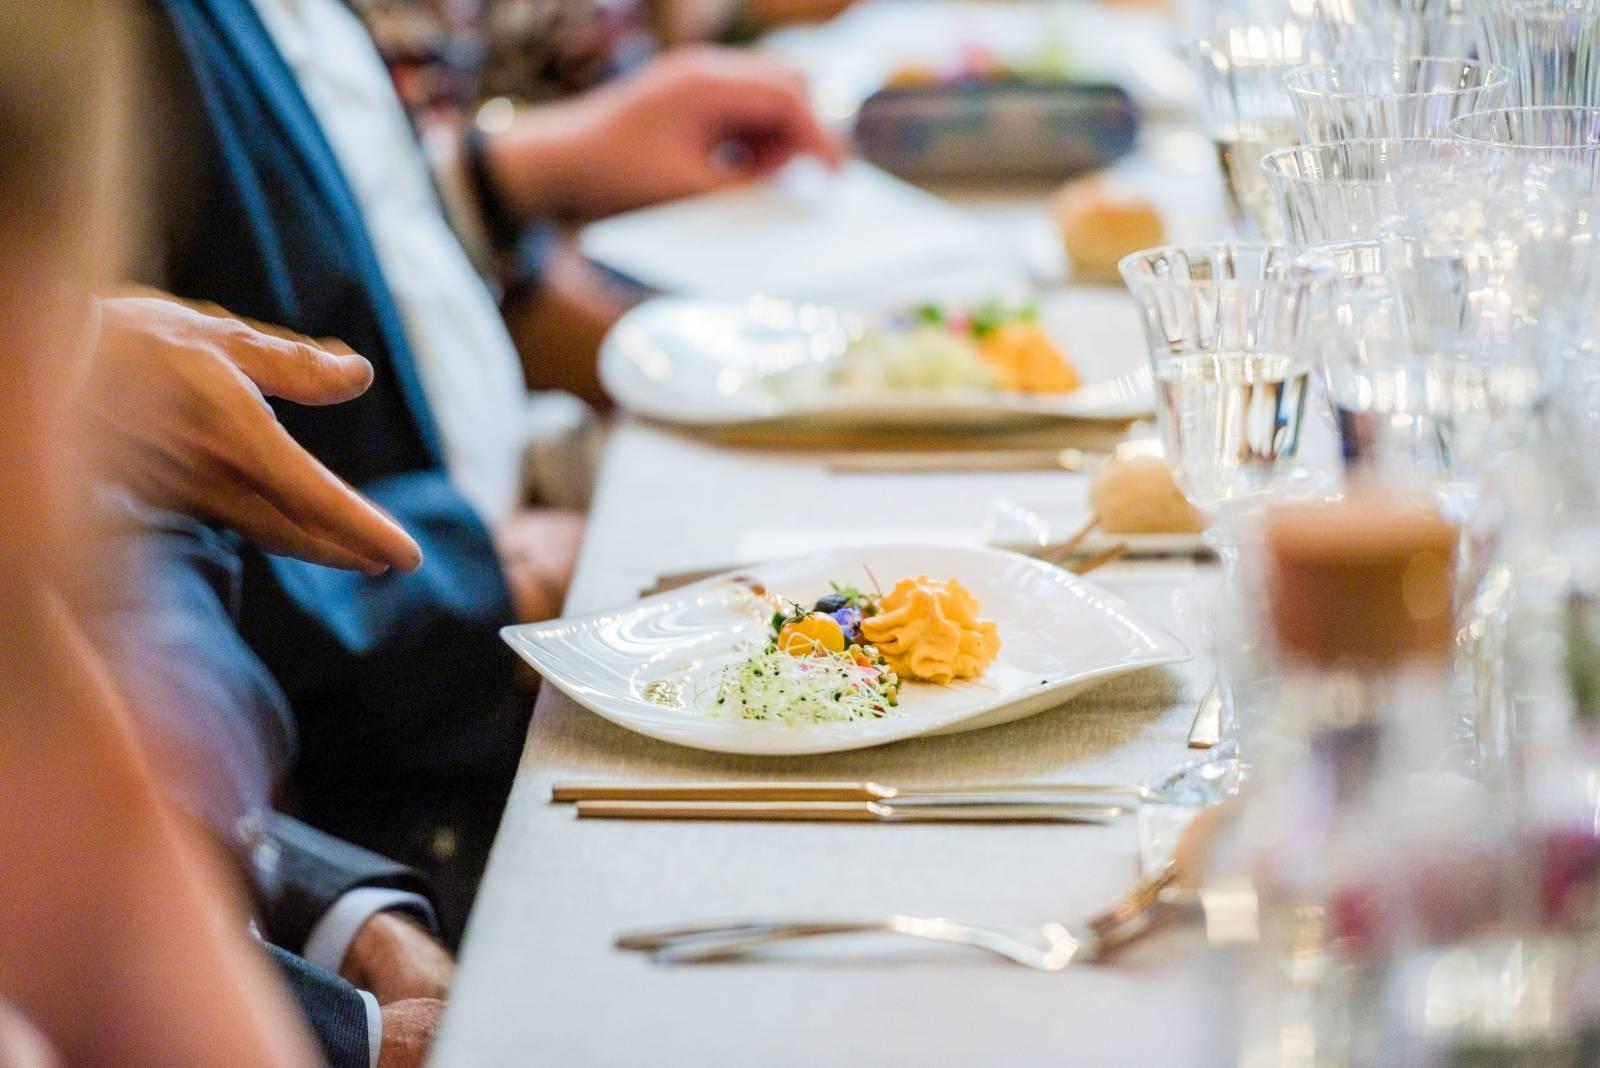 Biorganic - Catering - Cateraar - Traiteur - Biologisch - House of Weddings - 19